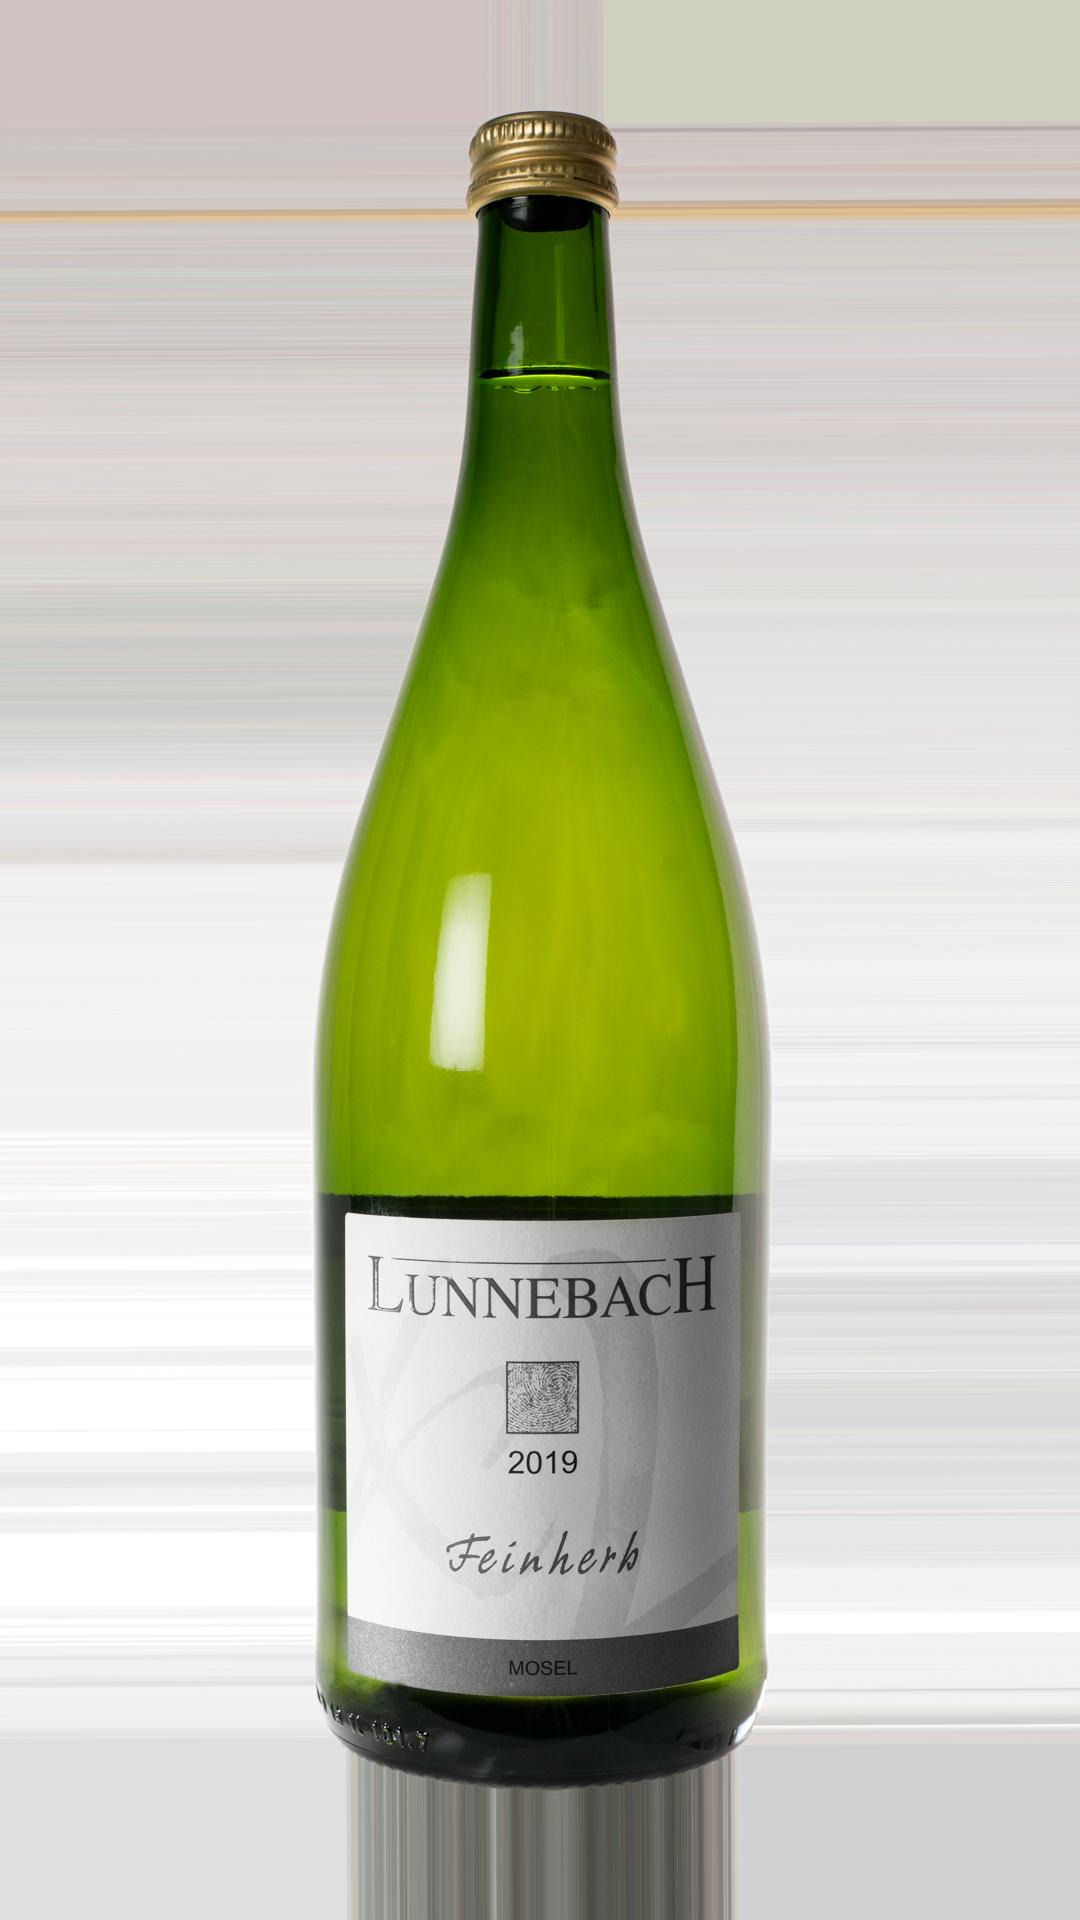 2019 Qualitätswein feinherb